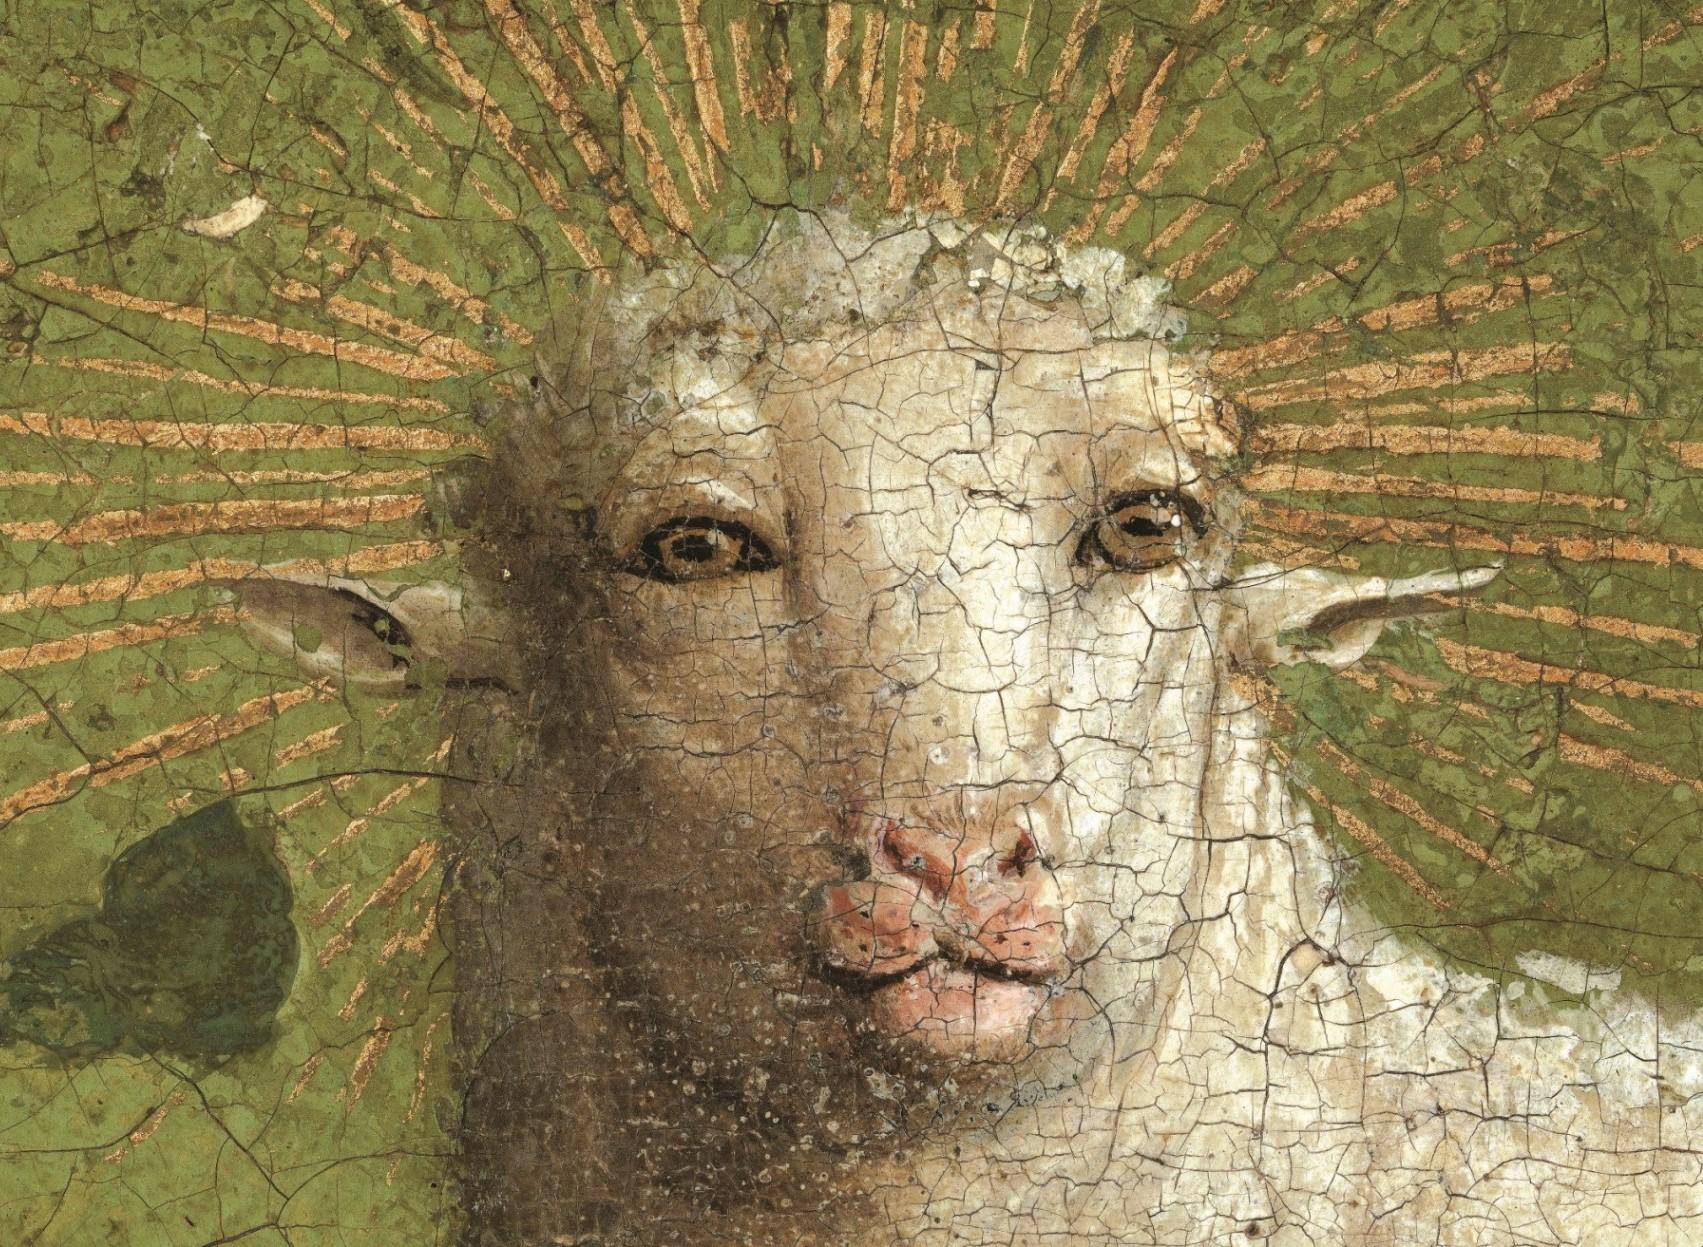 Qué querían simbolizar Van Eyck con su cordero místico?